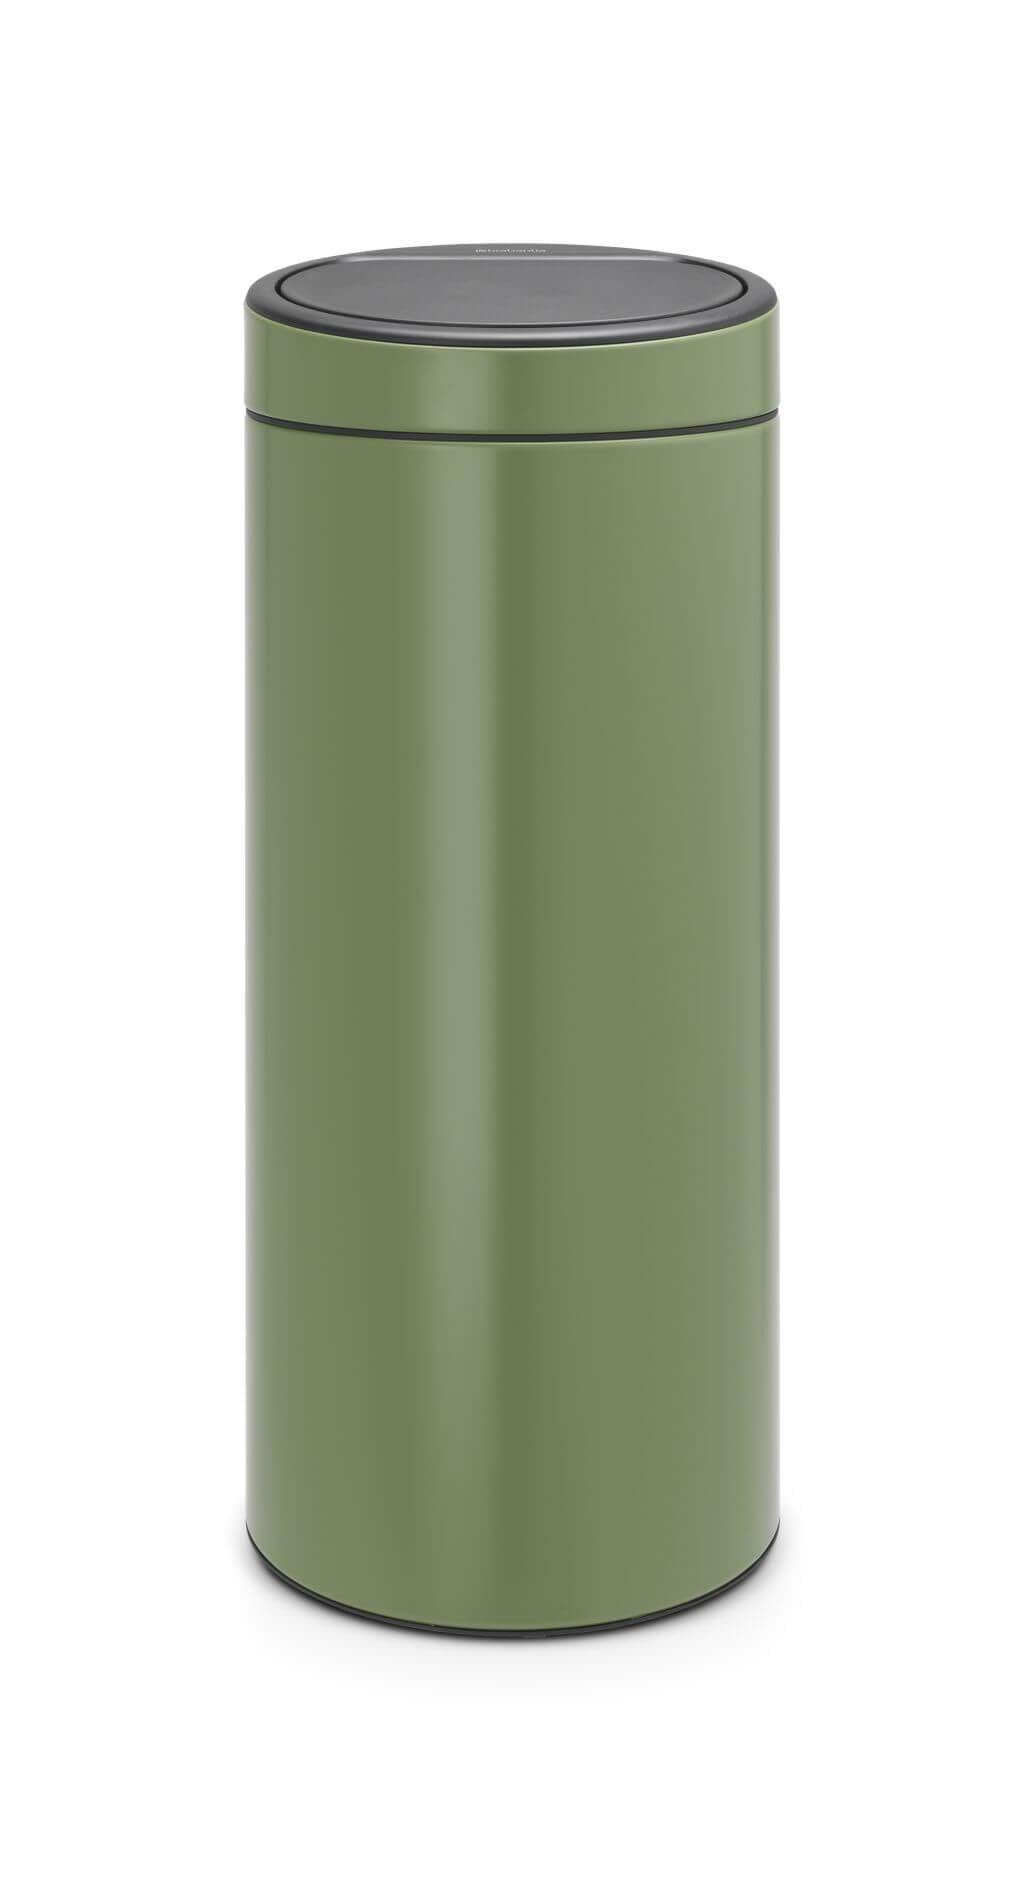 Brabantia Prullenbak 30 Liter Aanbieding.Brabantia Touch Bin 30 Liter Moss Green Brabantia Touch Bin 30 Liter Moss Green